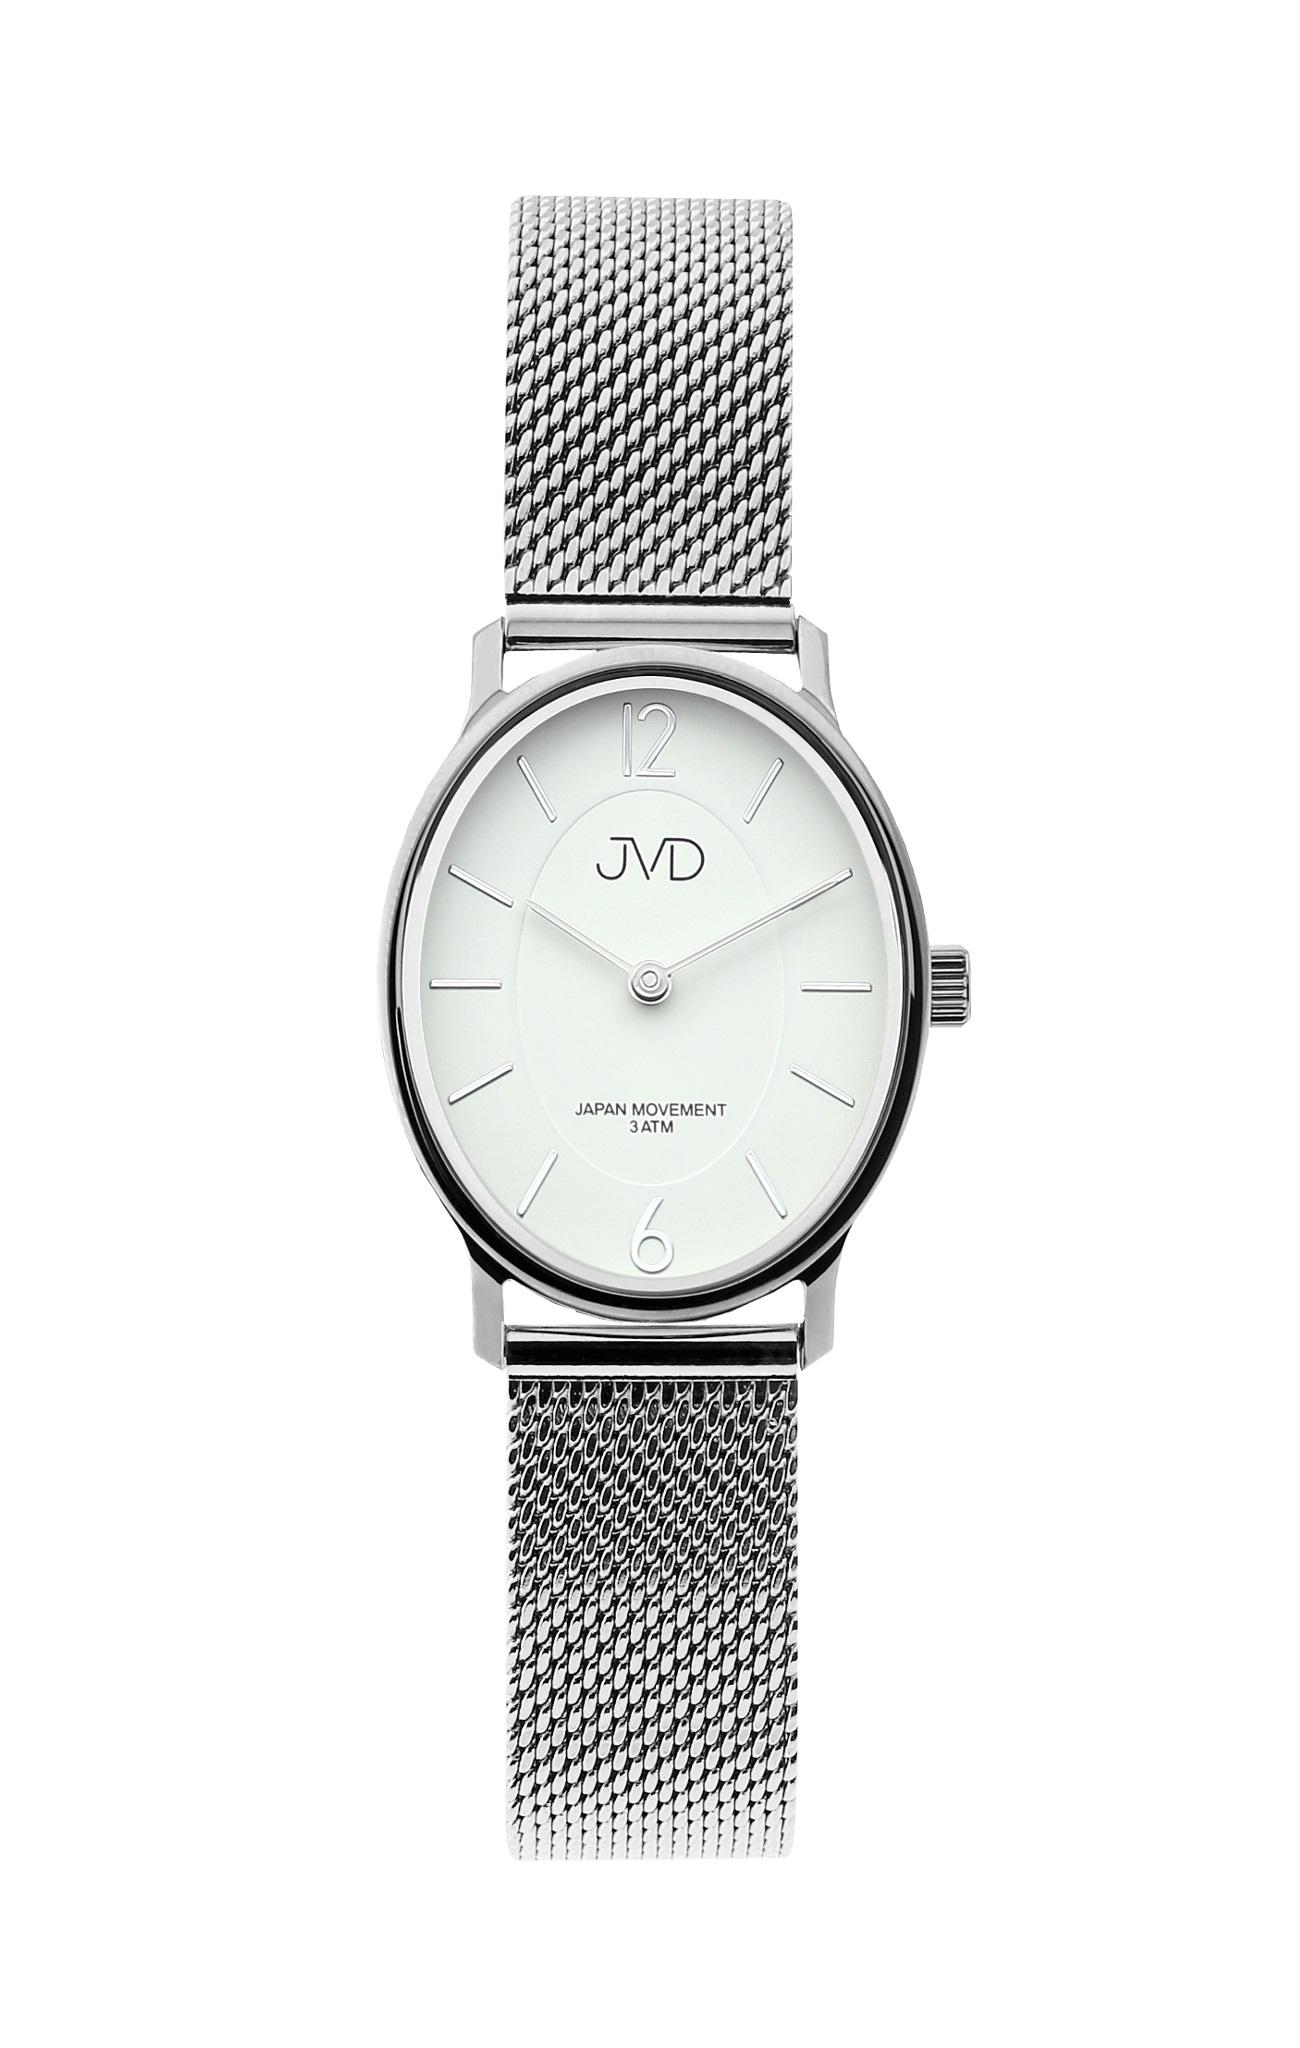 dc14f3f14 Dámské stříbrné oválné hodinky JVD J4163.1 | Zlatnictví-hodiny ...